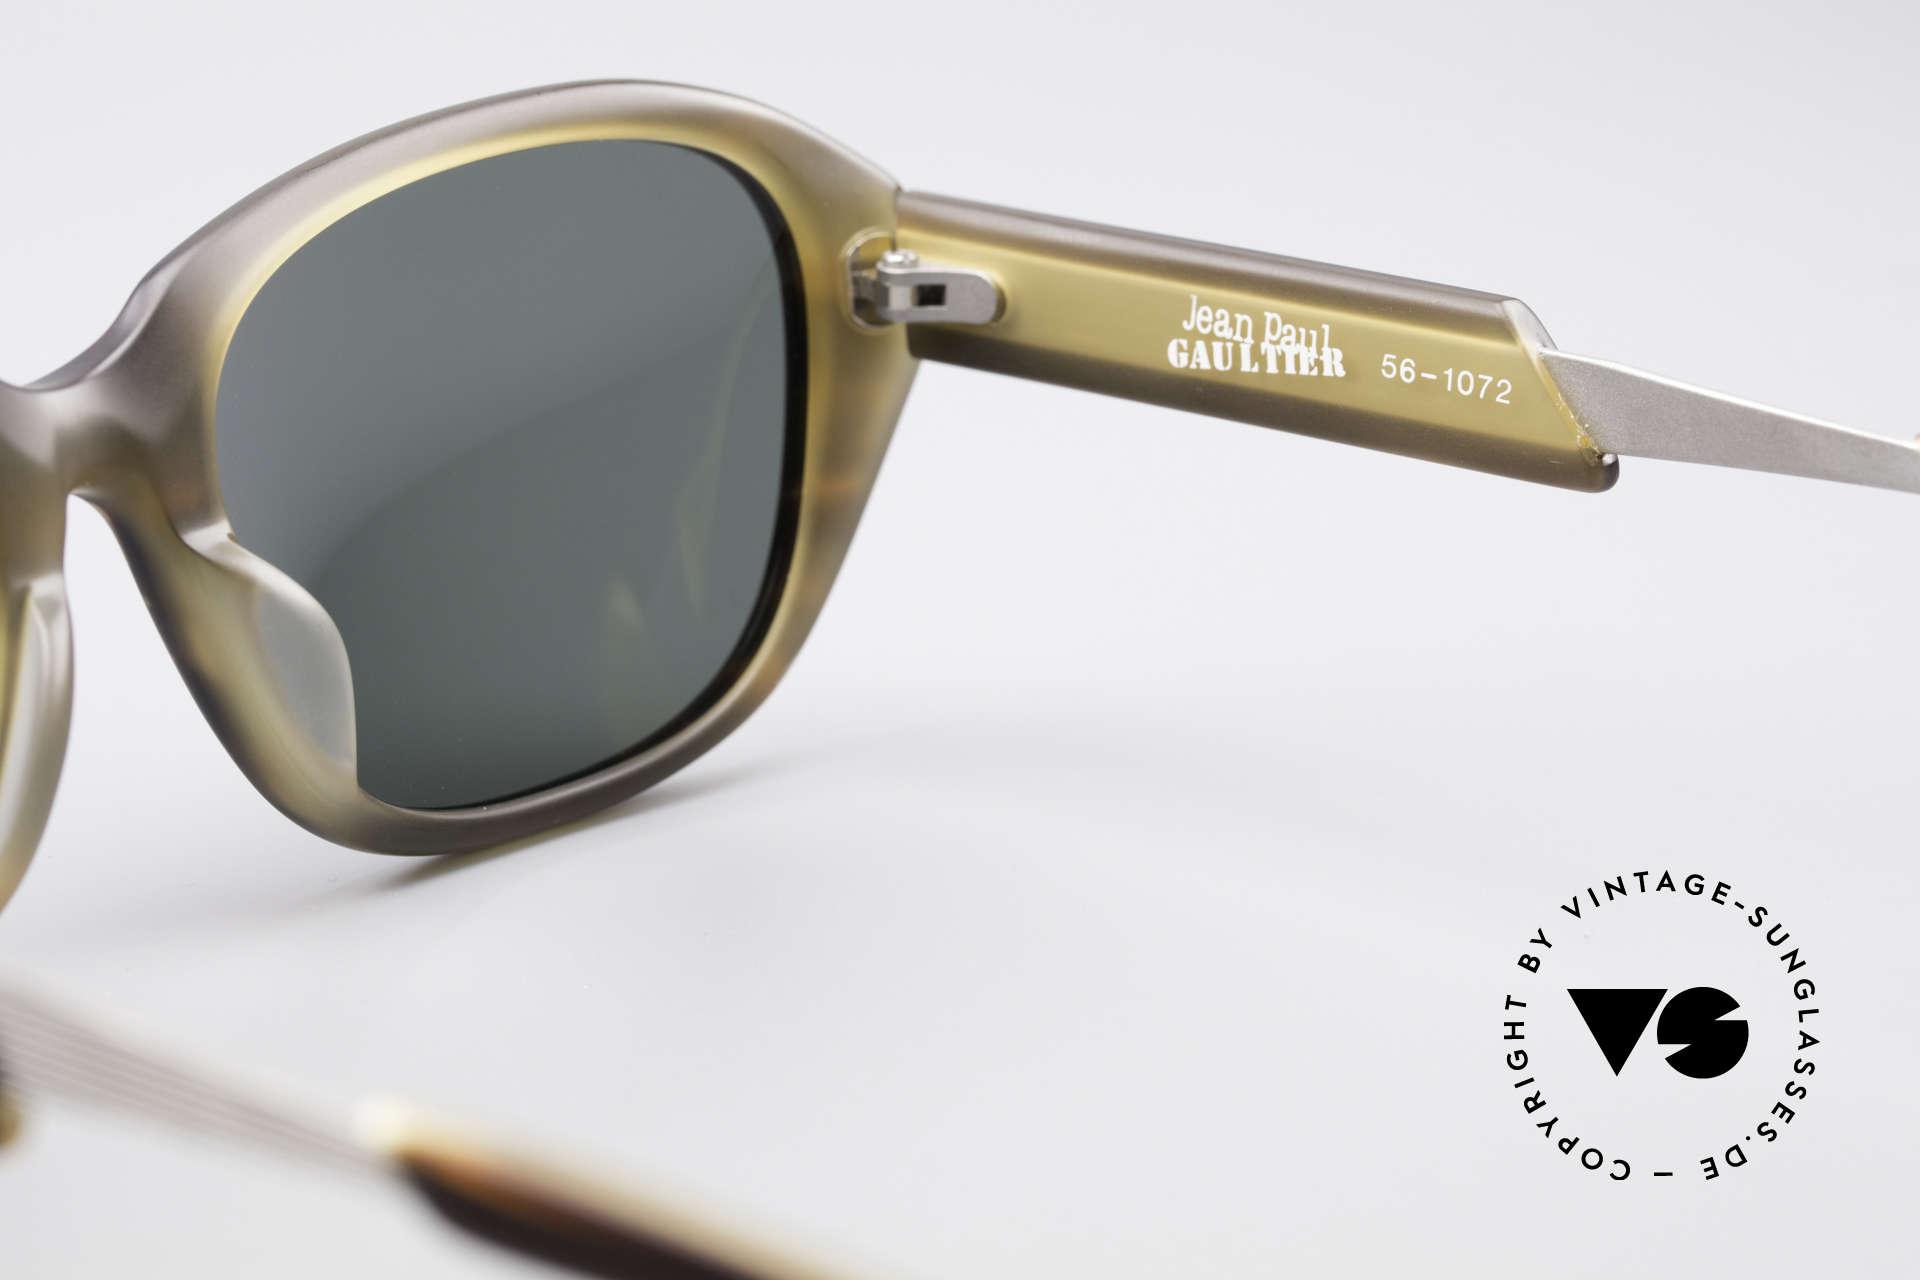 Jean Paul Gaultier 56-1072 90er Designer Sonnenbrille, Größe: medium, Passend für Herren und Damen